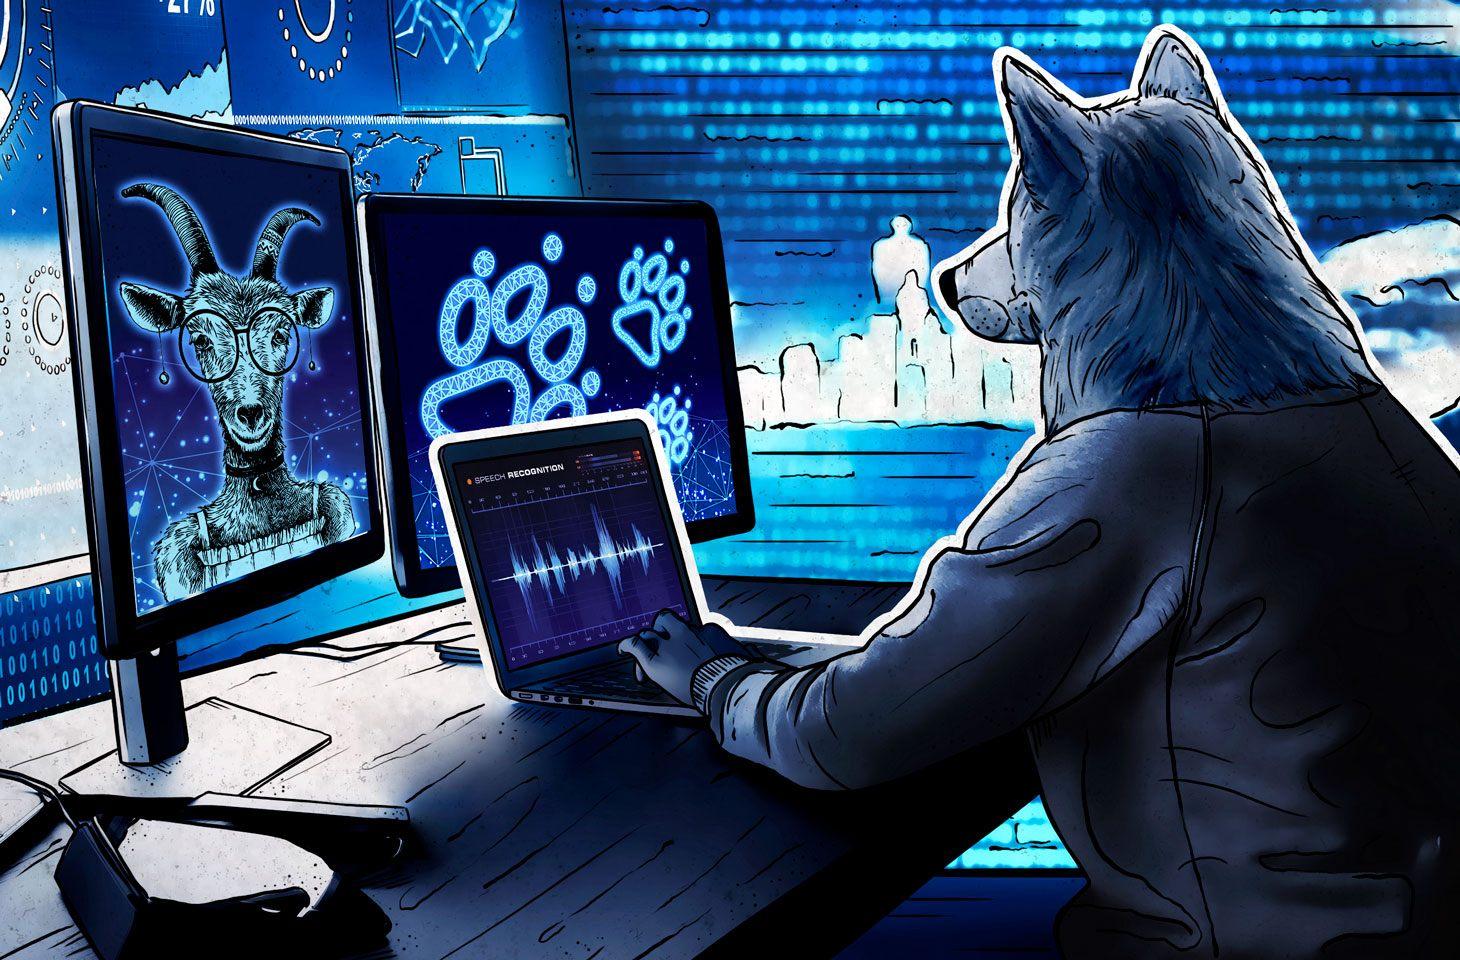 Analizamos el cuento El lobo y los siete cabritillos en términos de ciberseguridad